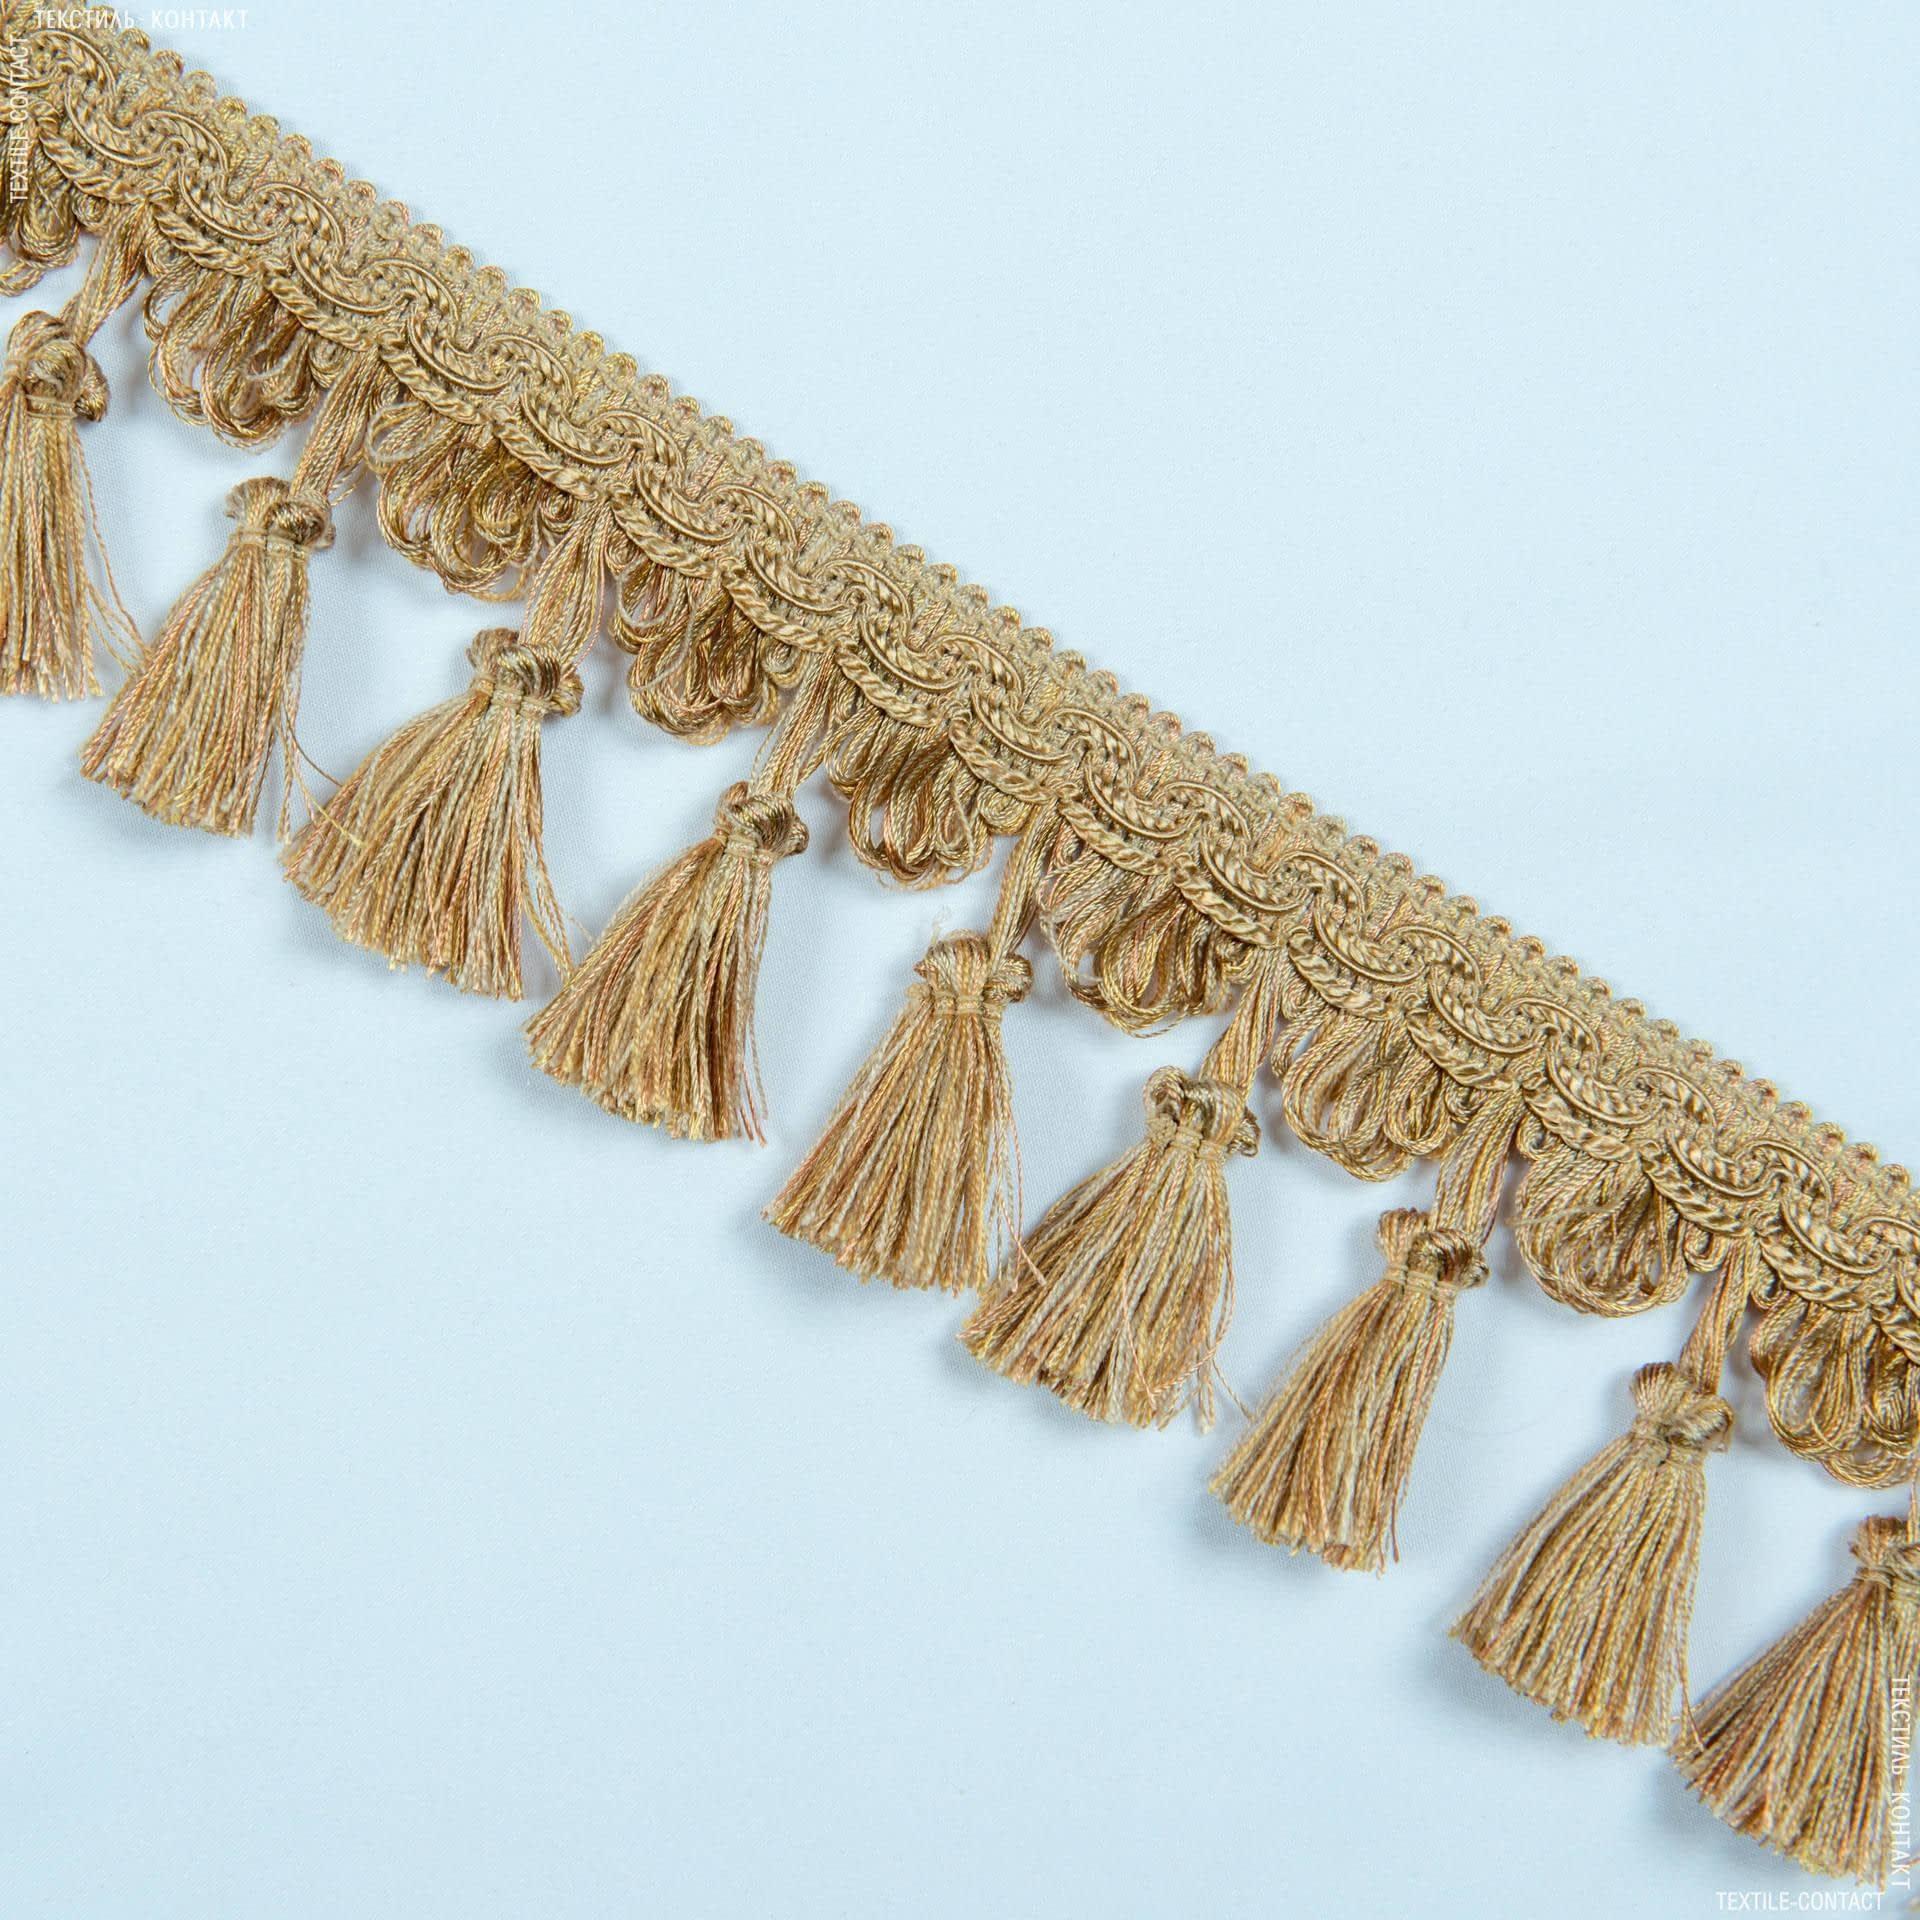 Тканини фурнітура для декора - Бахрома солар китиця карамель